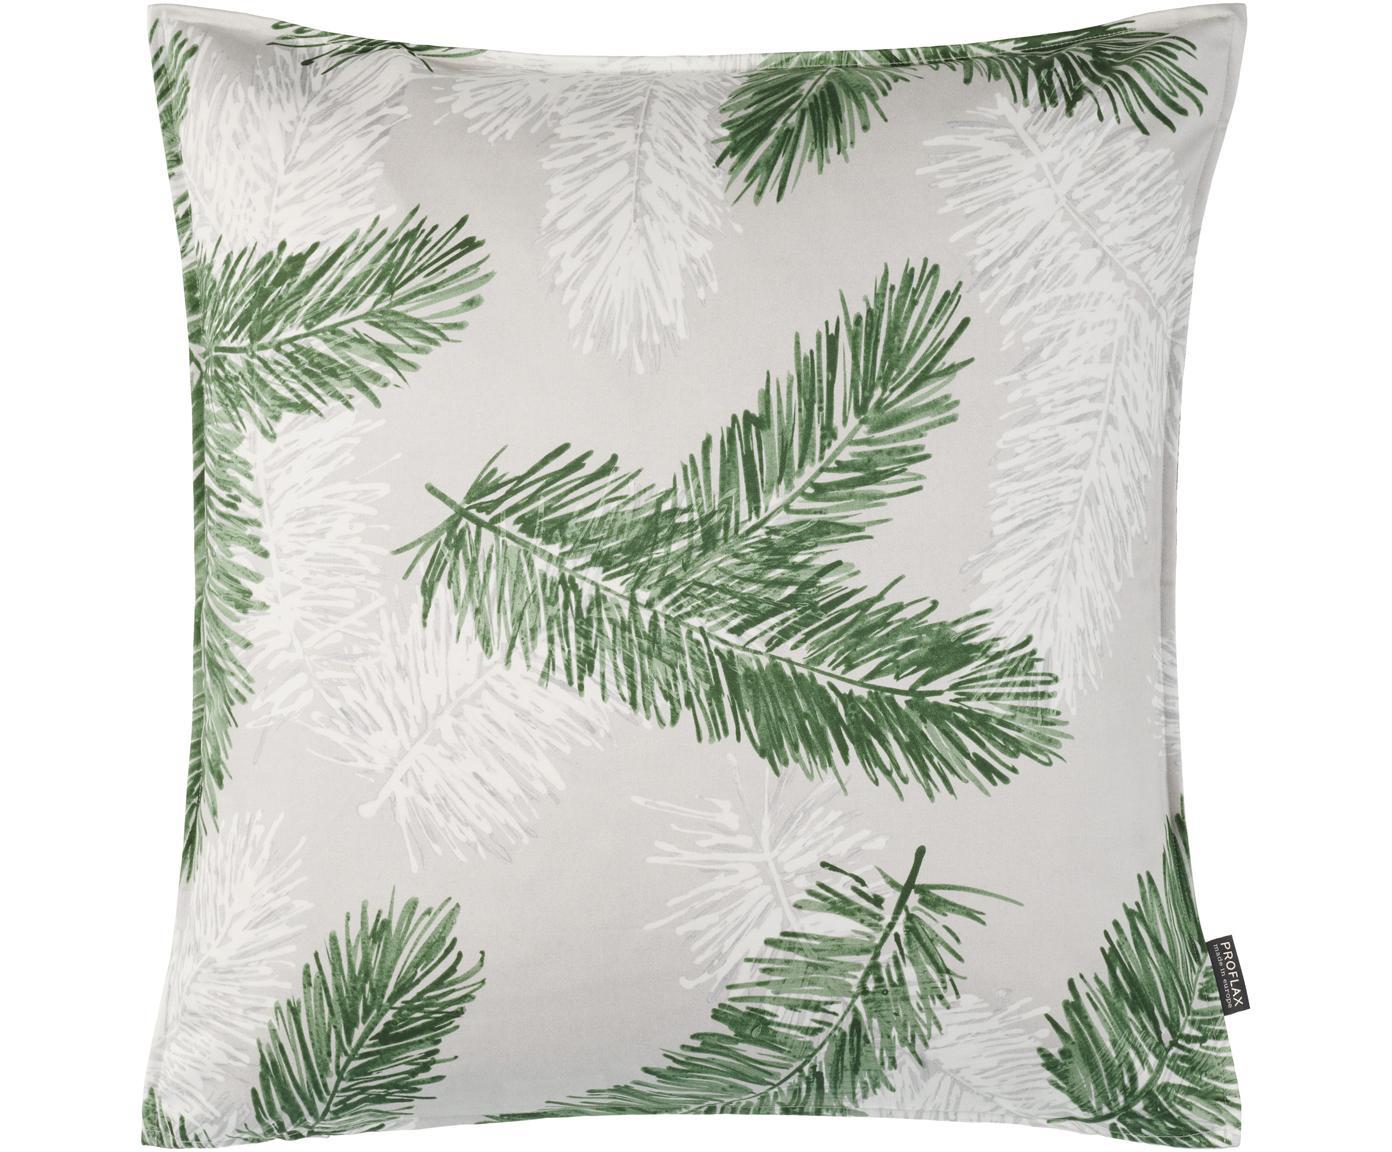 Kissenhülle Pinus, Baumwolle, Grau, Grün, 40 x 40 cm